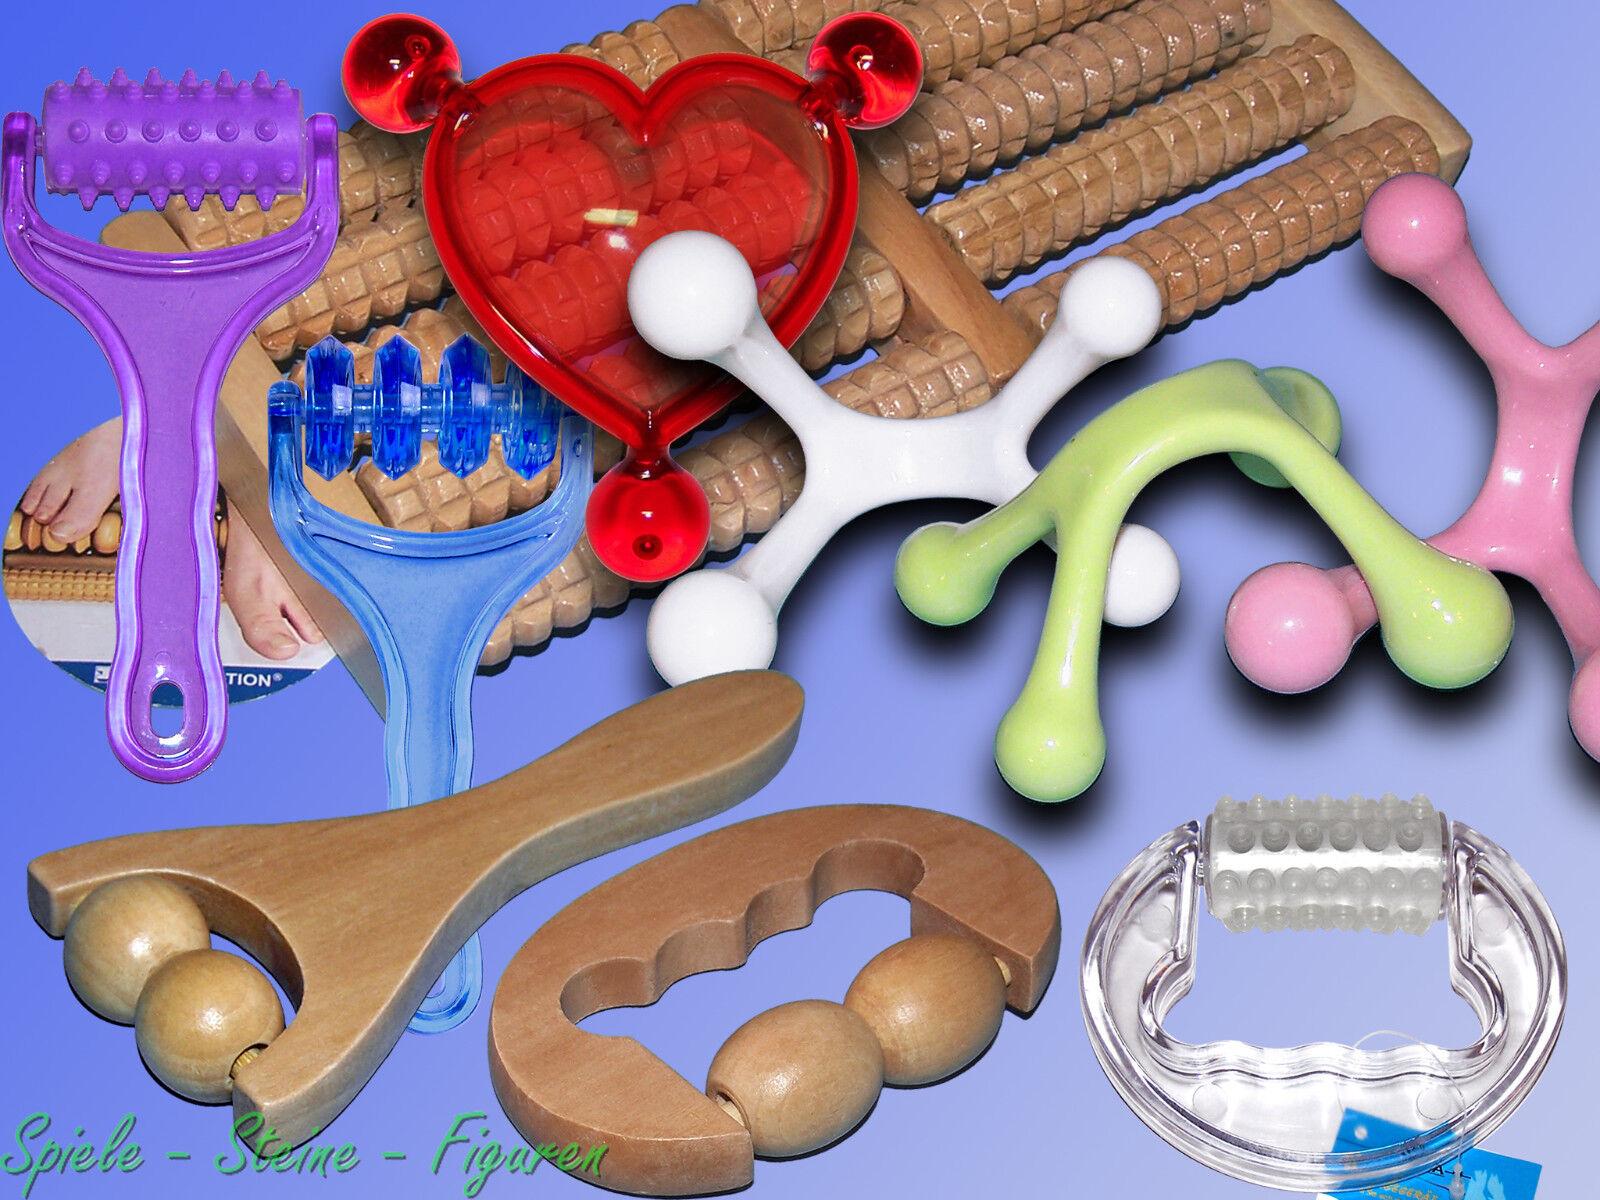 Massaggio a rulli,Wellness Macchina Per Massaggi,Mano Piede massaggio,Legno